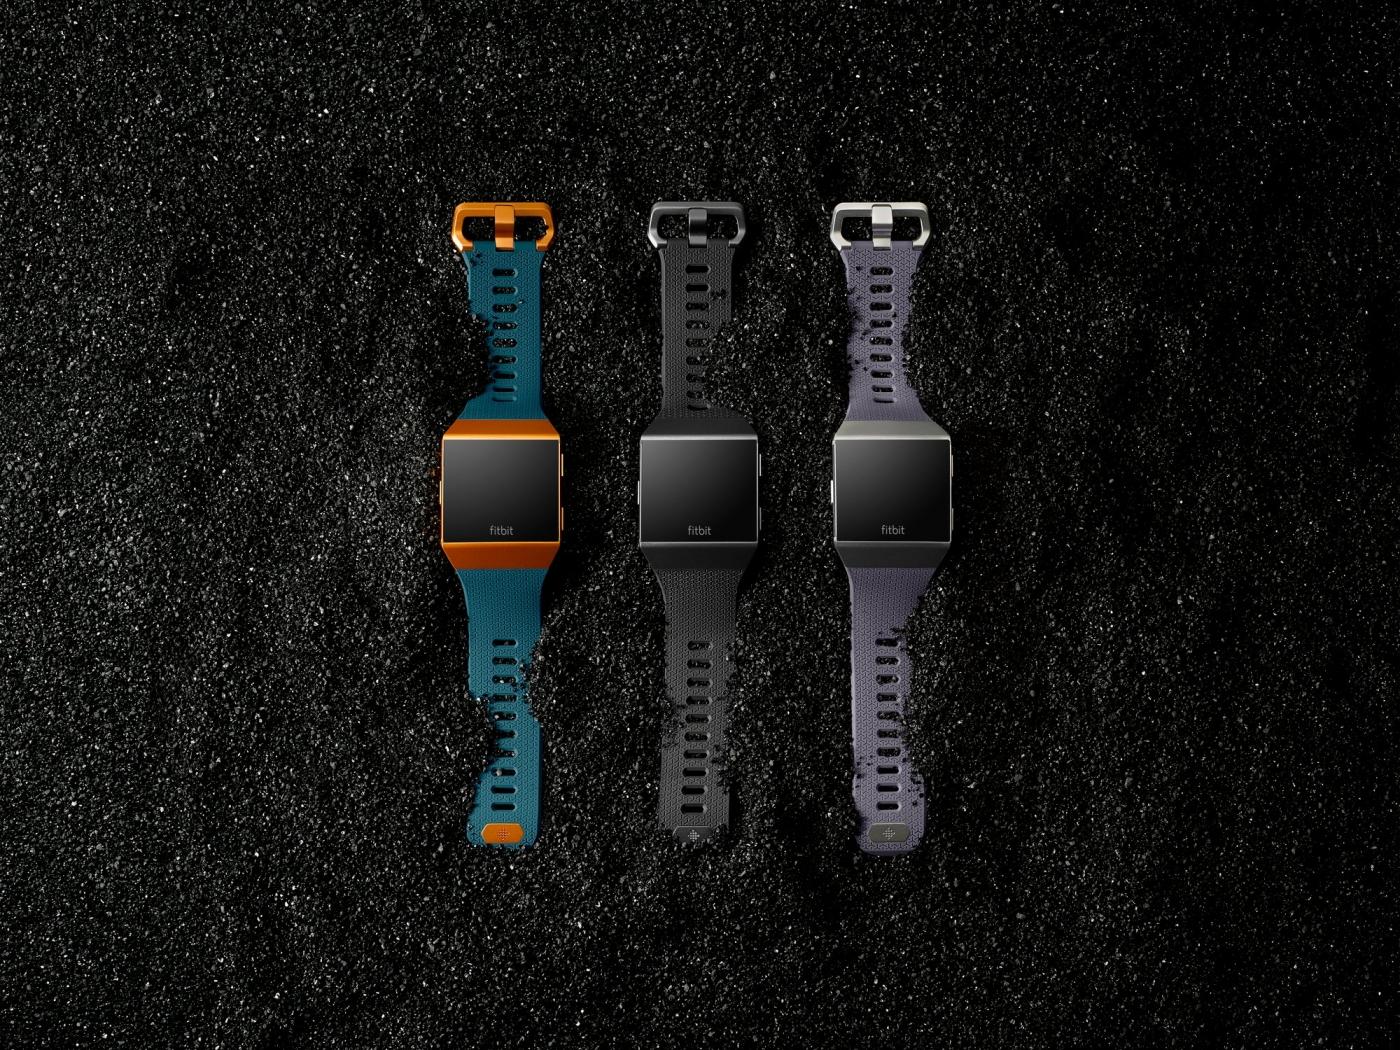 Fitbit представила перші власні смарт-годинник, навушники та ваги